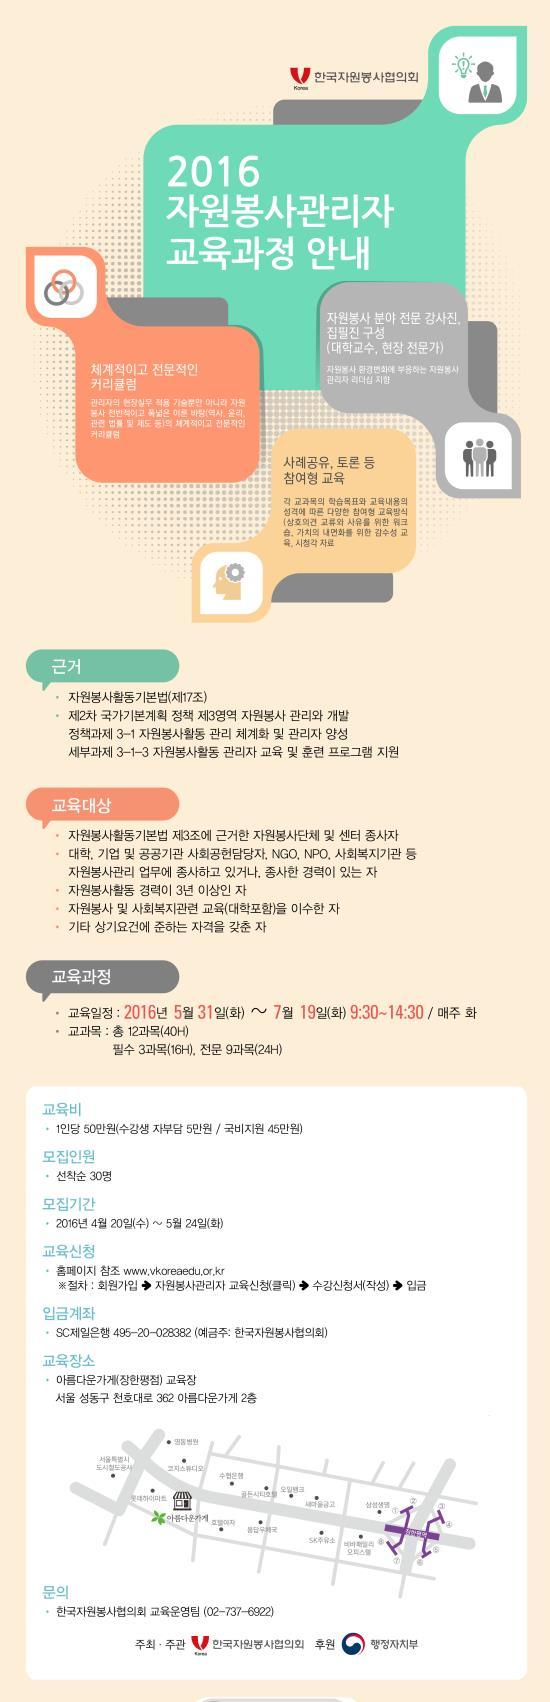 2016 자원봉사관리자 교육과정 안내(웹).jpg